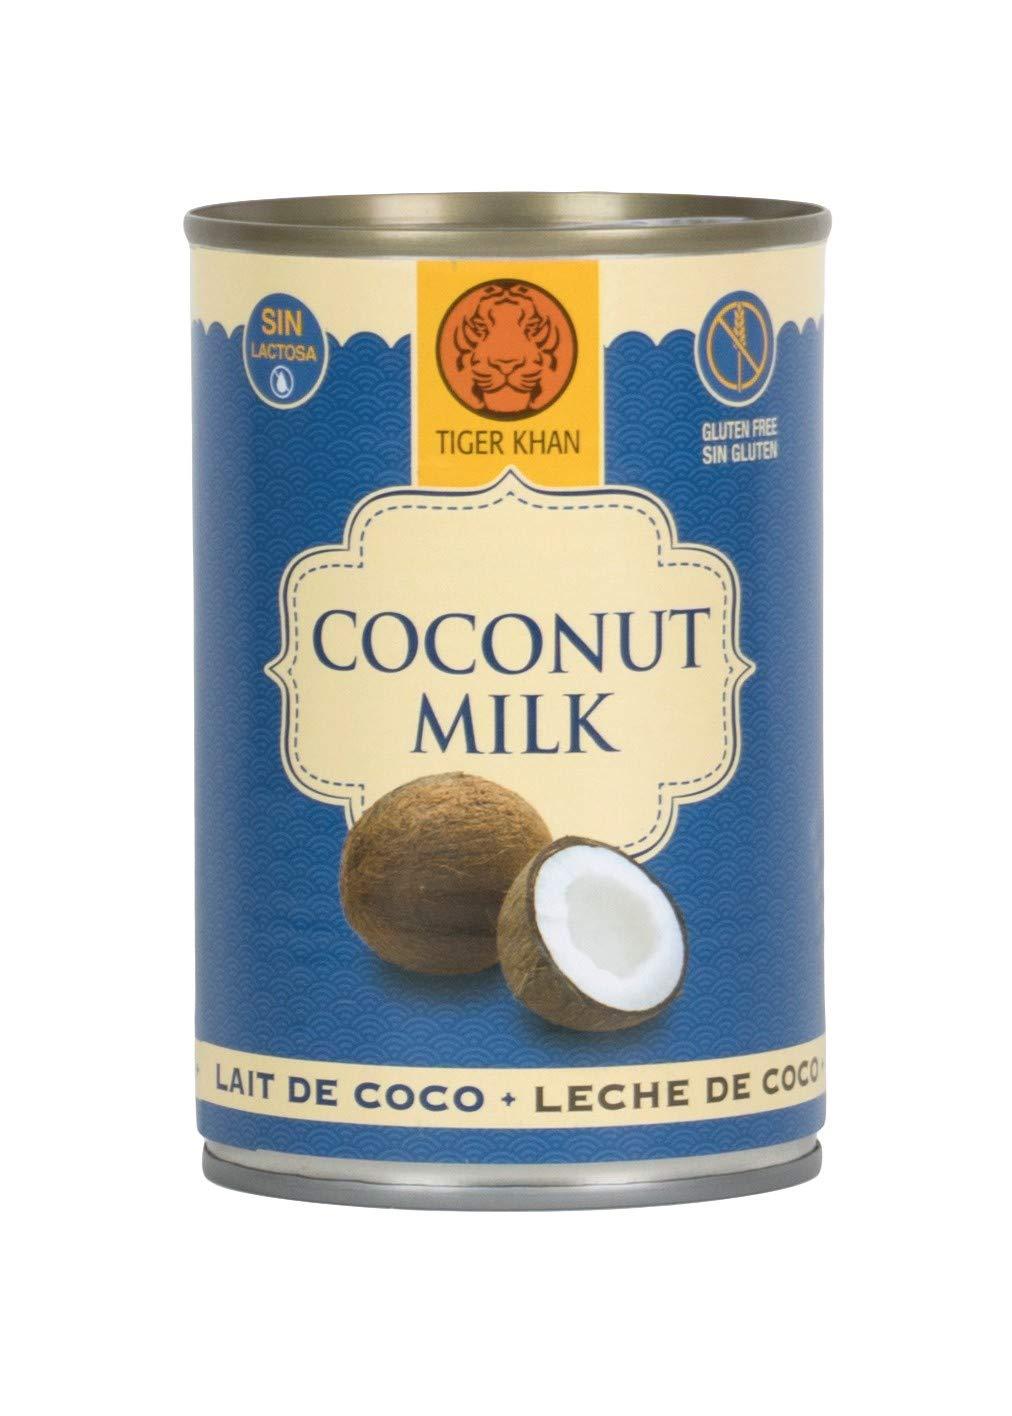 Tiger Khan Leche de Coco - 400 ml: Amazon.es: Alimentación y bebidas